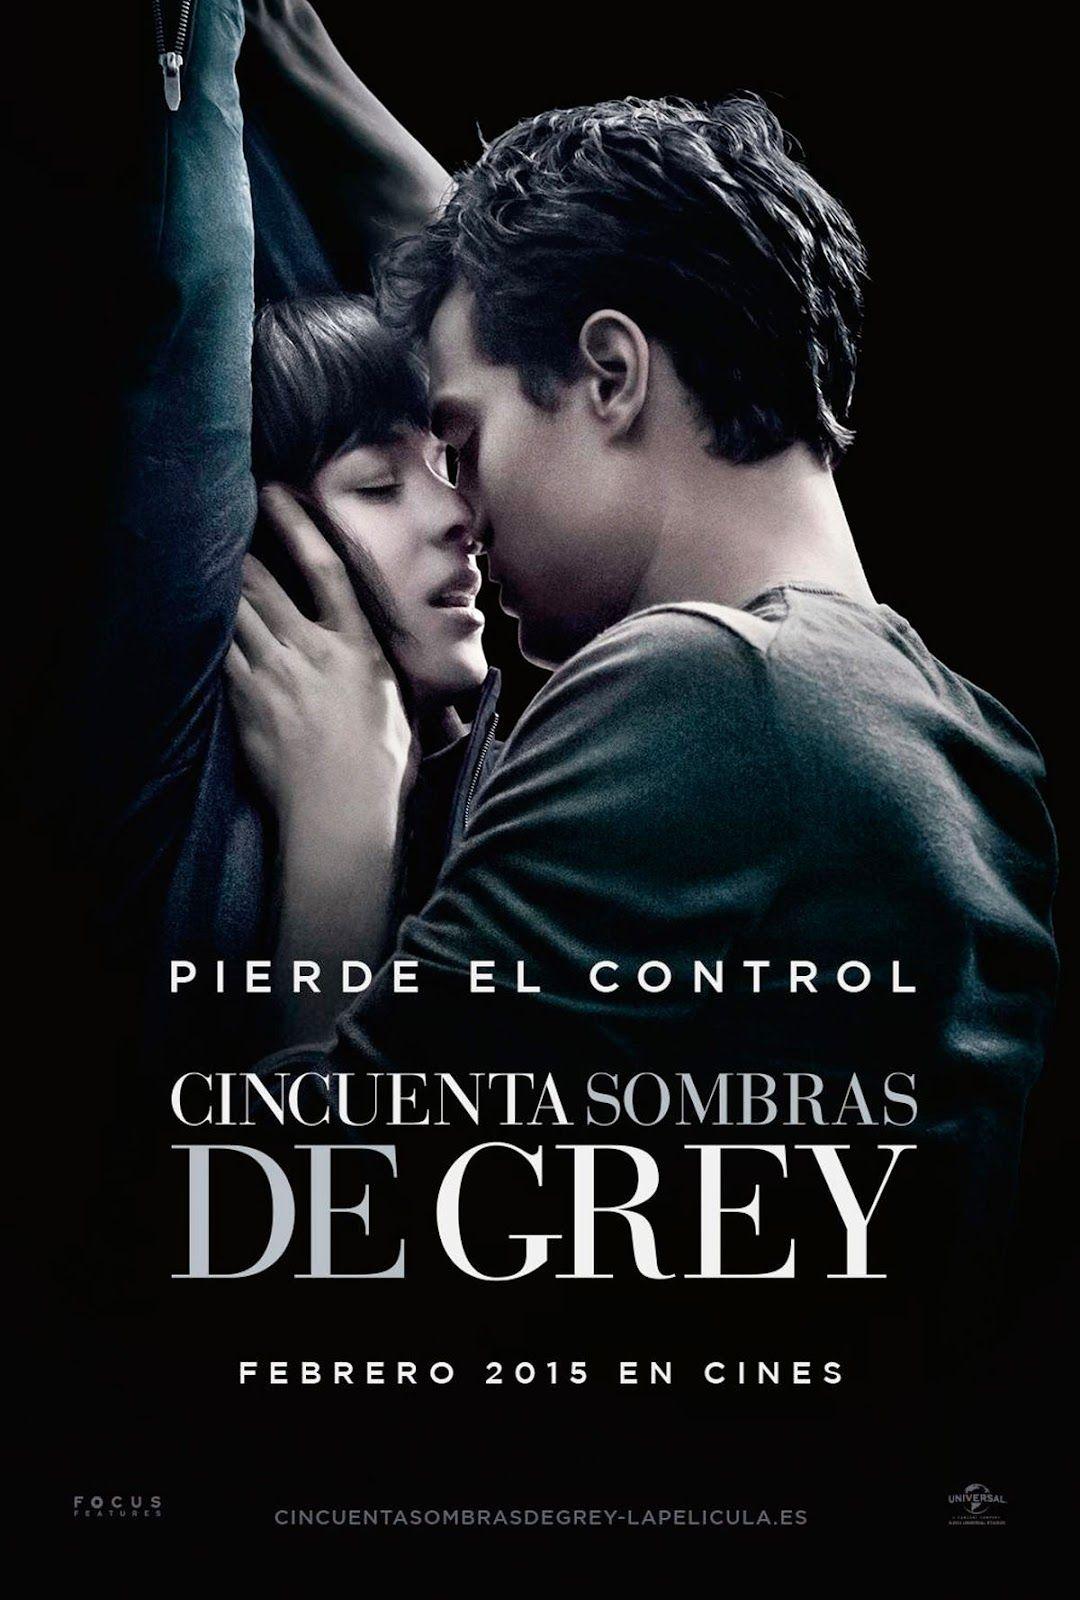 Cincuenta Sombras De Grey 2015 Online Completa Peliculas Hd Online Shades Of Grey Movie Fifty Shades Movie Fifty Shades Darker